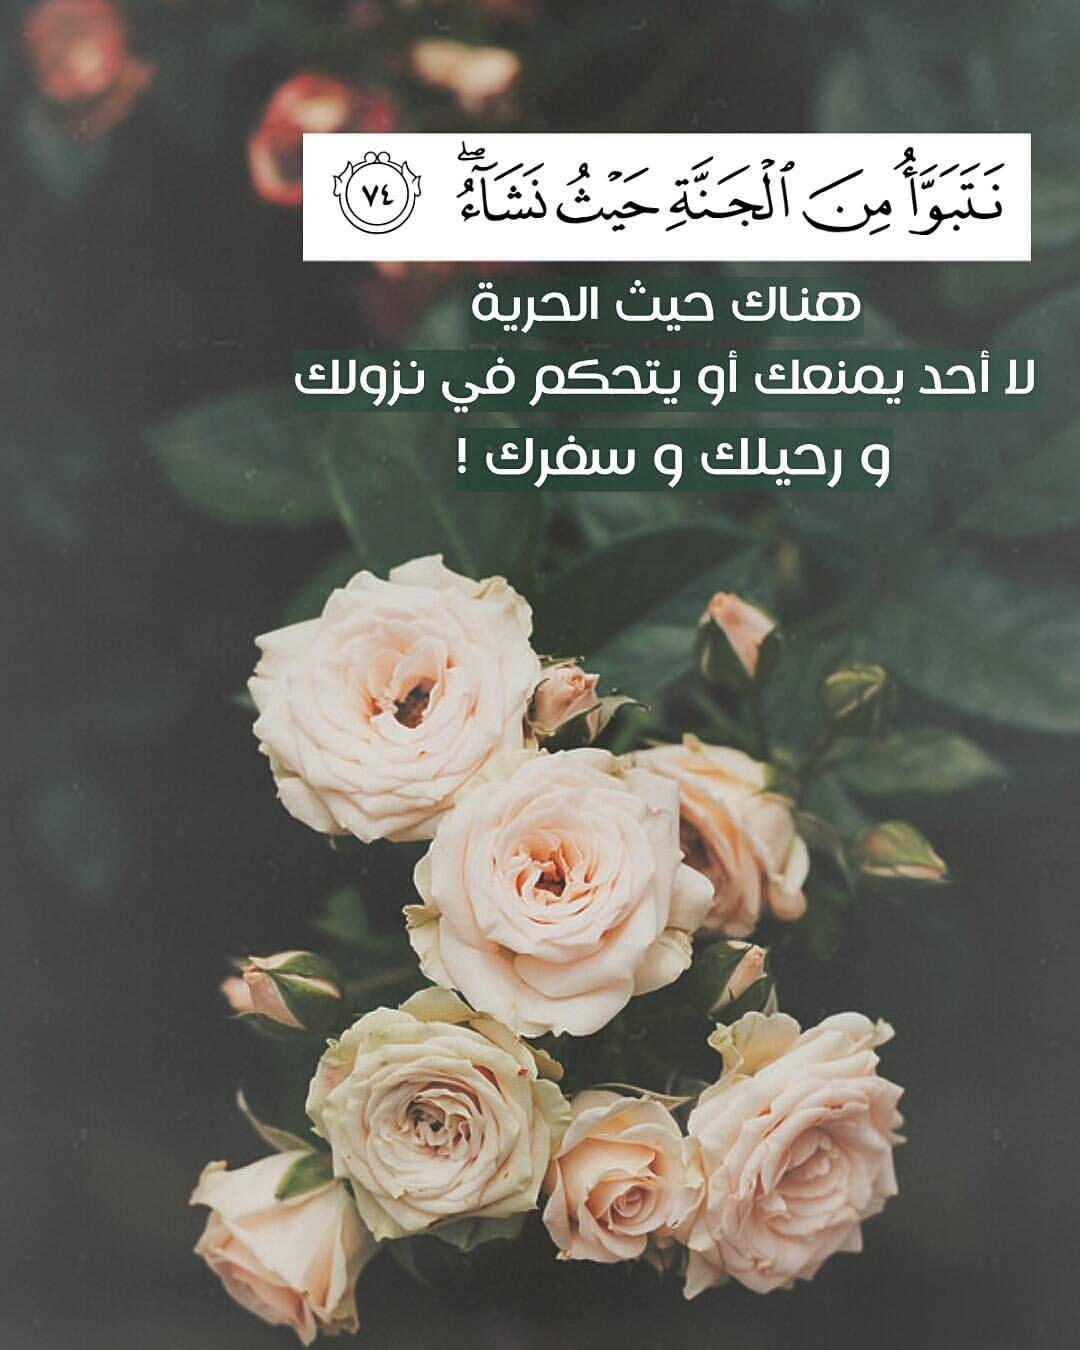 نتبوأ من الجنة حيث نشاء هناك حيث الحرية لا أحد يمنعك أو يتحكم في نزولك ورحيلك وسفرك Holy Quran Traveling By Yourself Quran